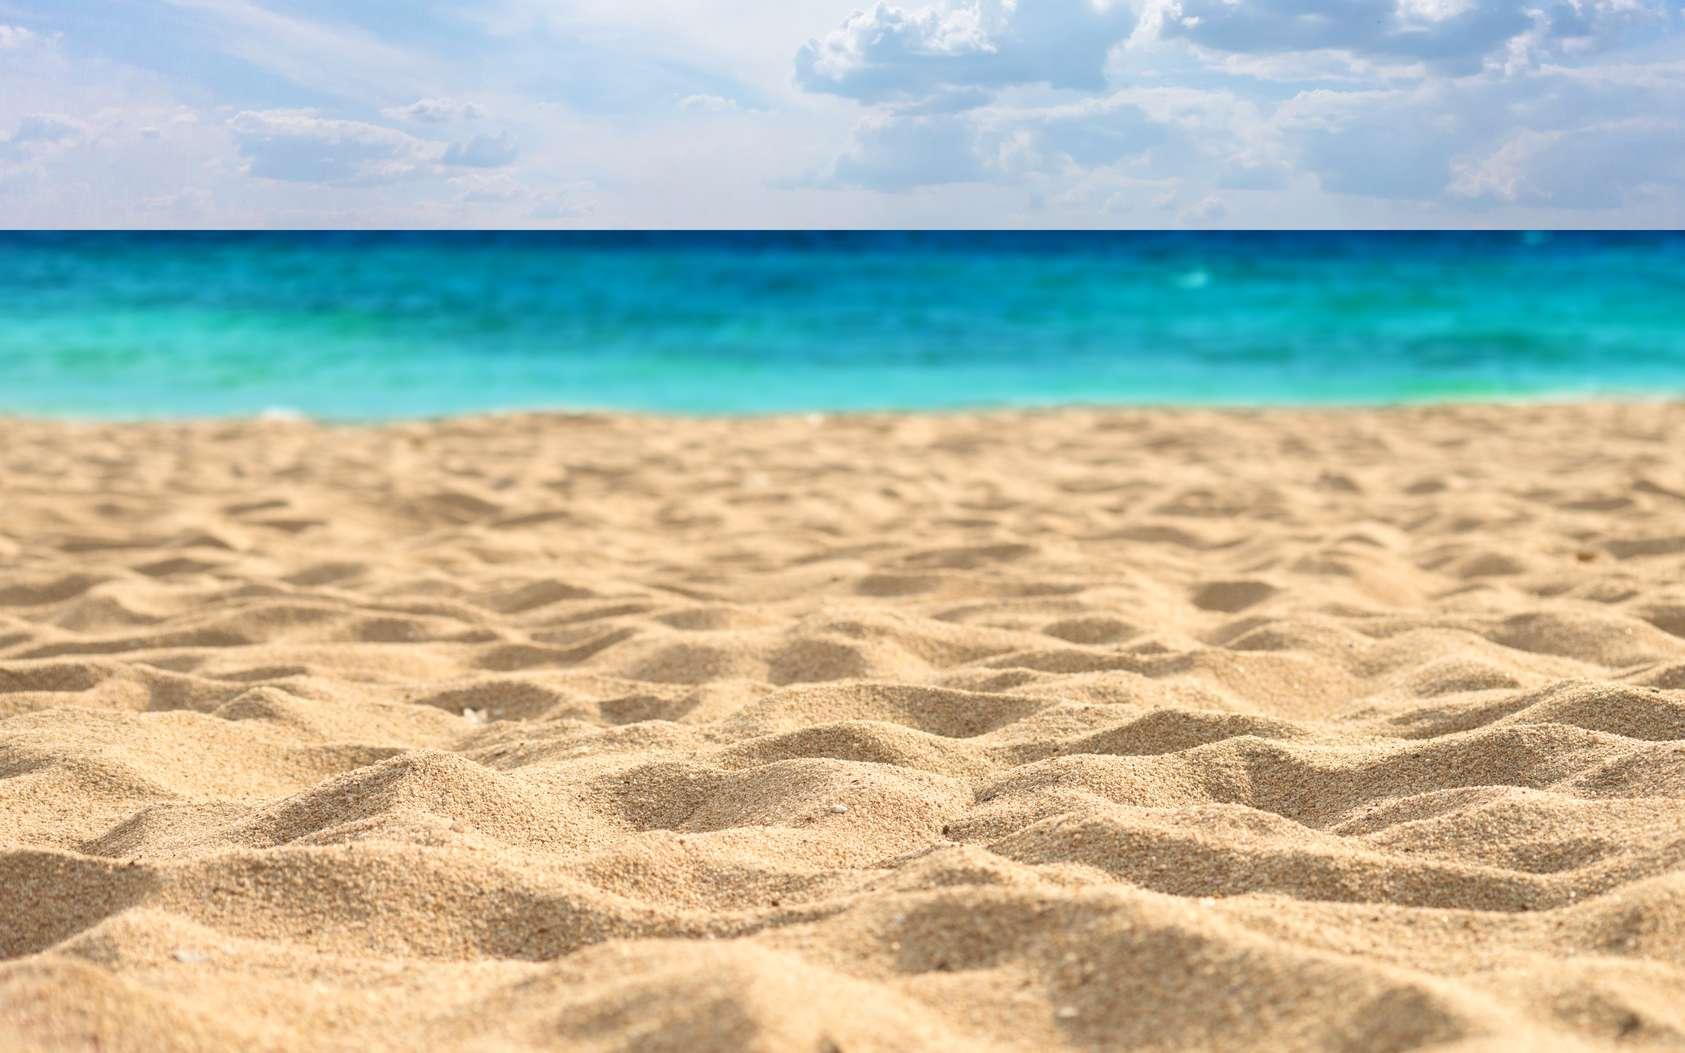 Les dépôts de sable se font suivant les agitations du vent et de l'eau qui sculptent des paysages ondoyants dans les déserts et sur les rivages. © rufar, fotolia